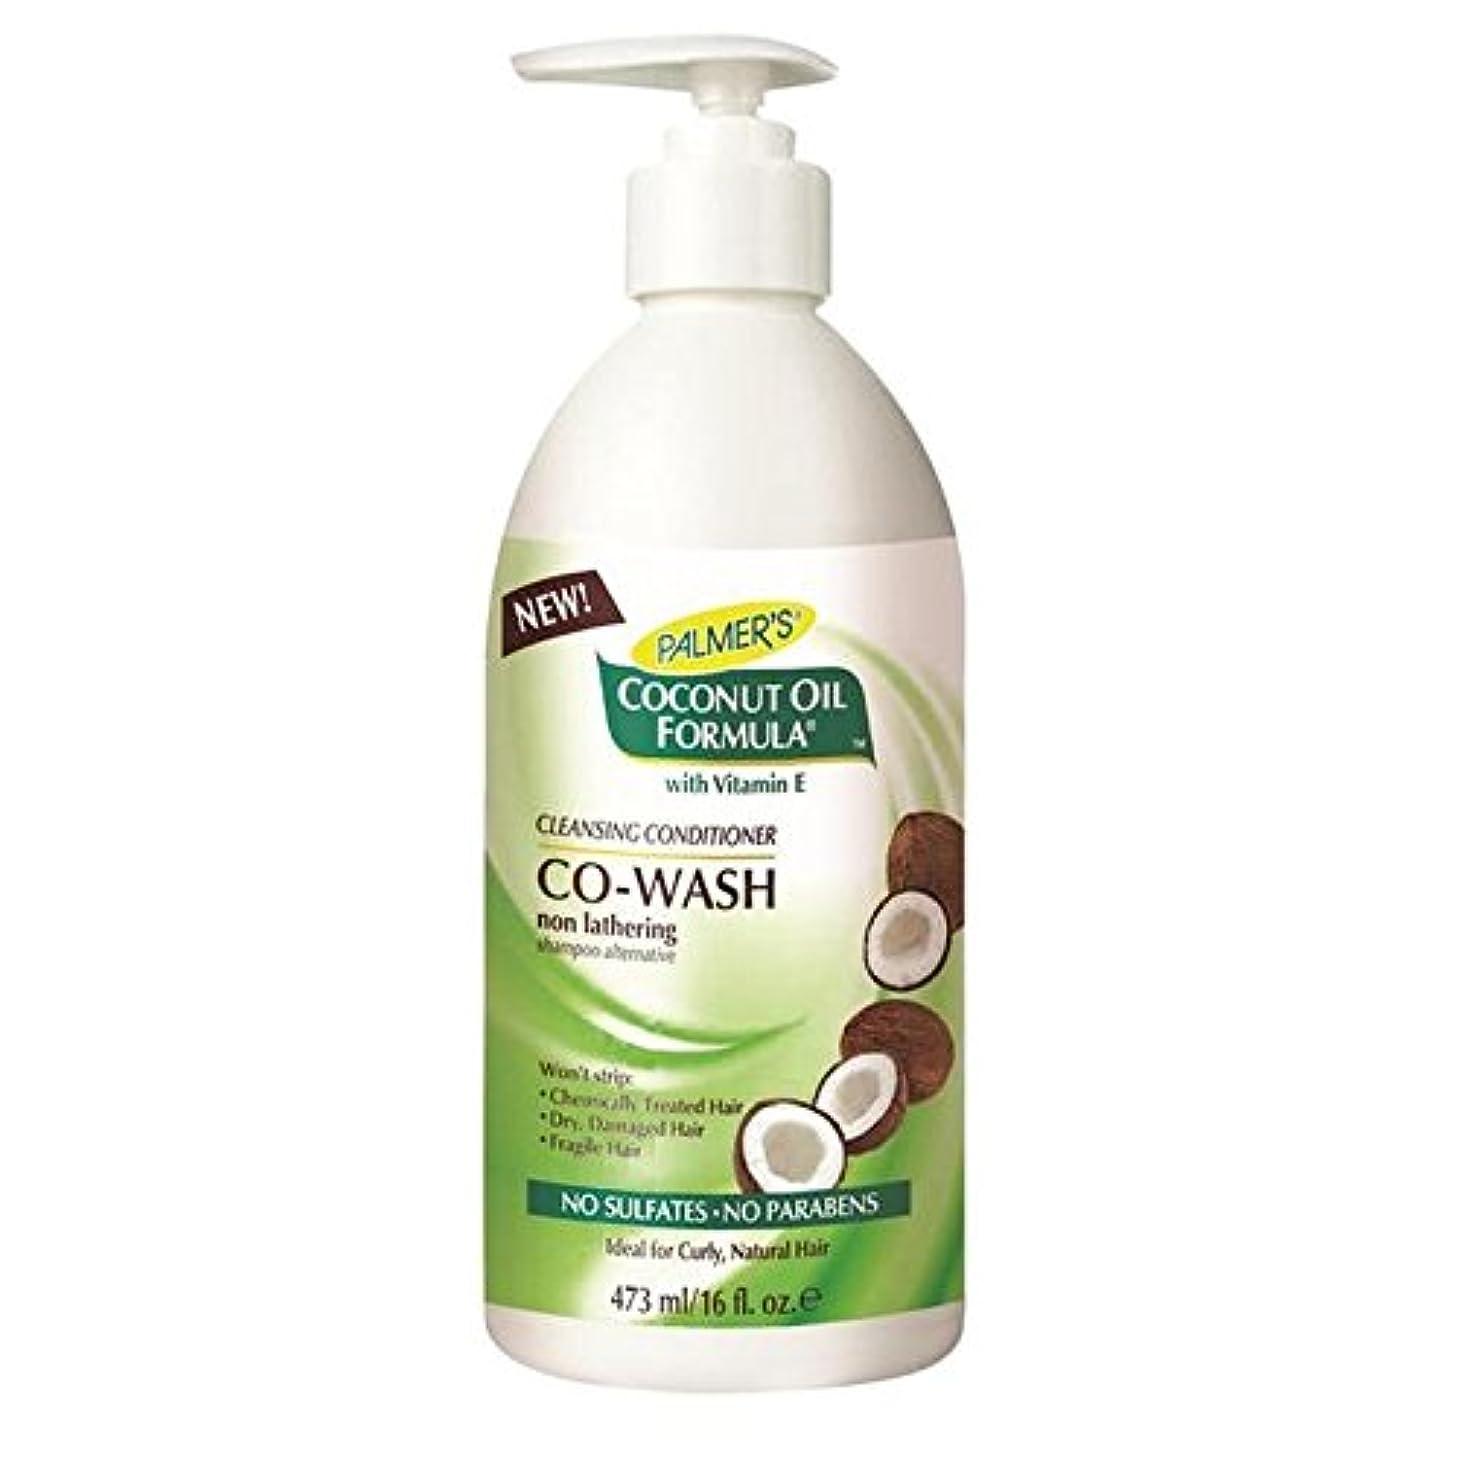 測定広告する哀れなPalmer's Coconut Formula Co-Wash Cleansing Conditioner, Shampoo Alternative 473ml (Pack of 6) - パーマーのココナッツ式コウォッシュクレンジングコンディショナー、シャンプー代替473ミリリットル x6 [並行輸入品]